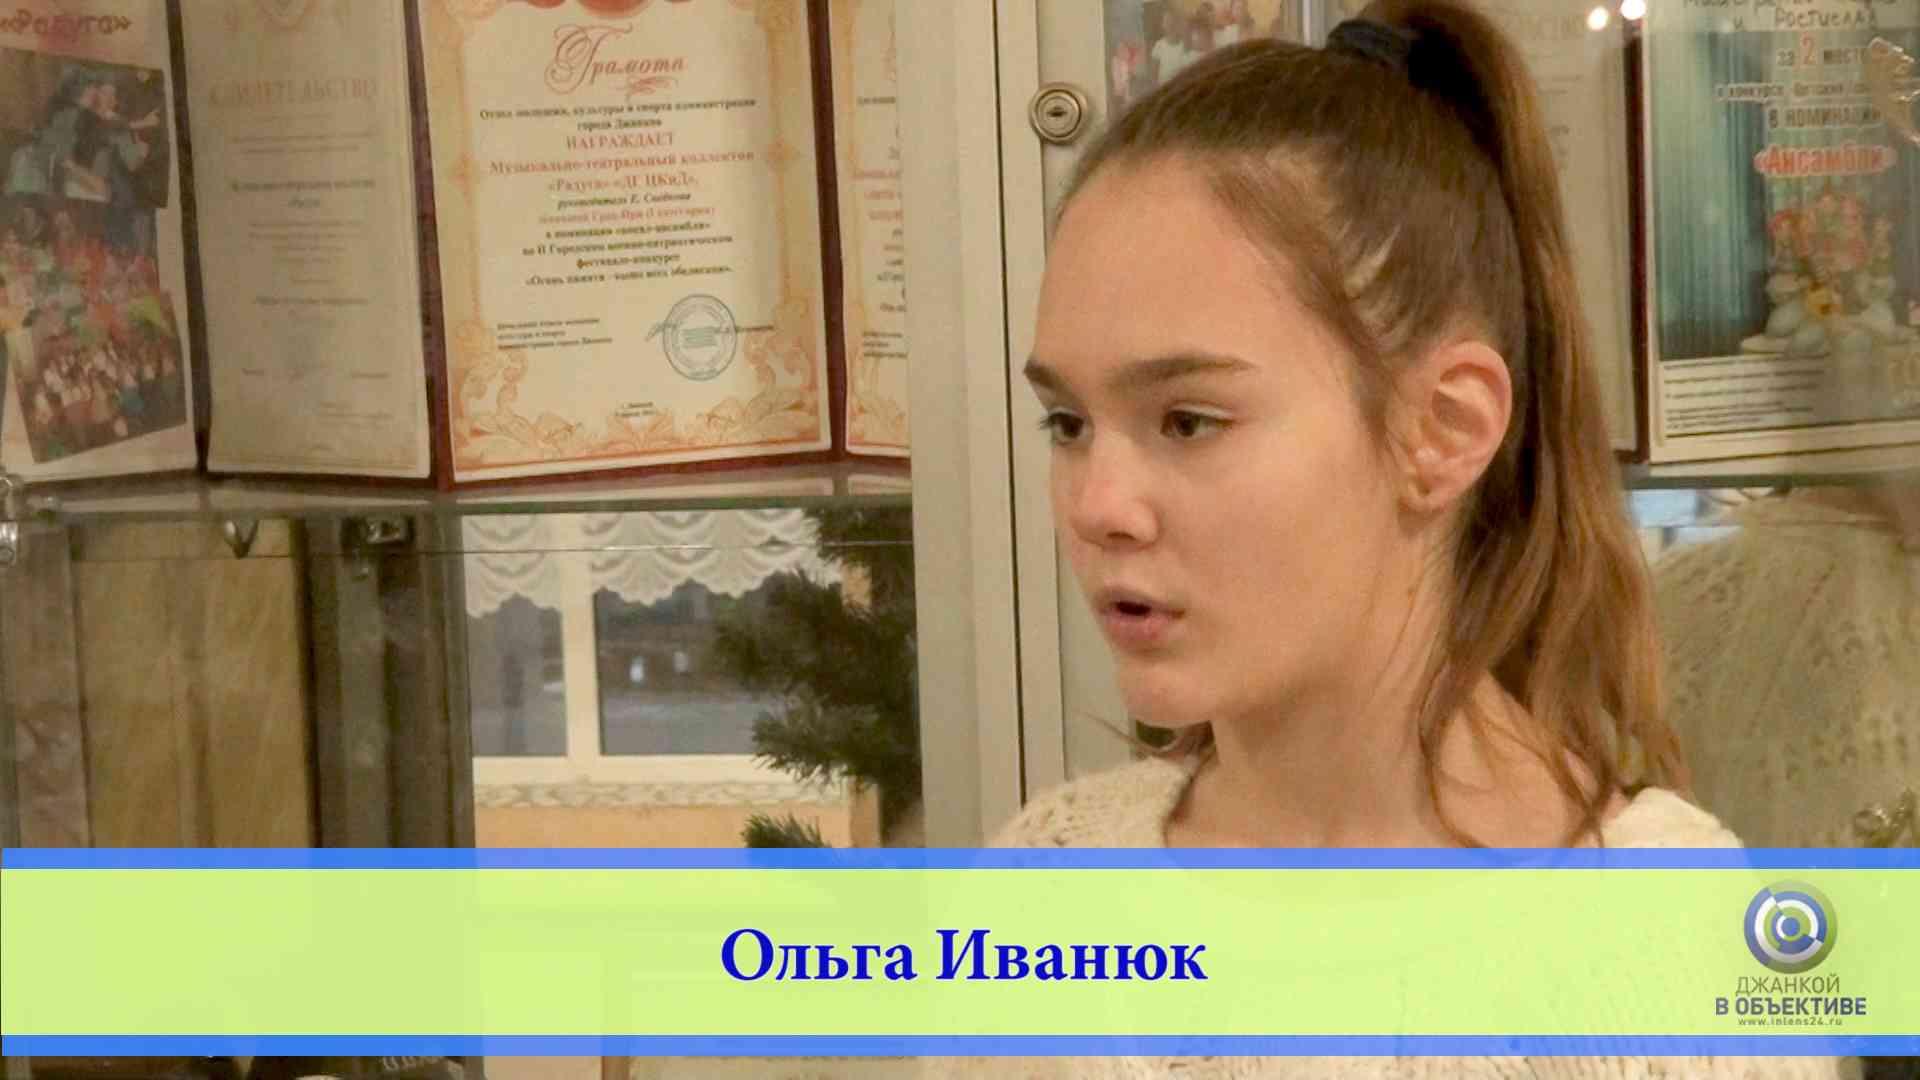 Чемпионки из Джанкоя Ольга